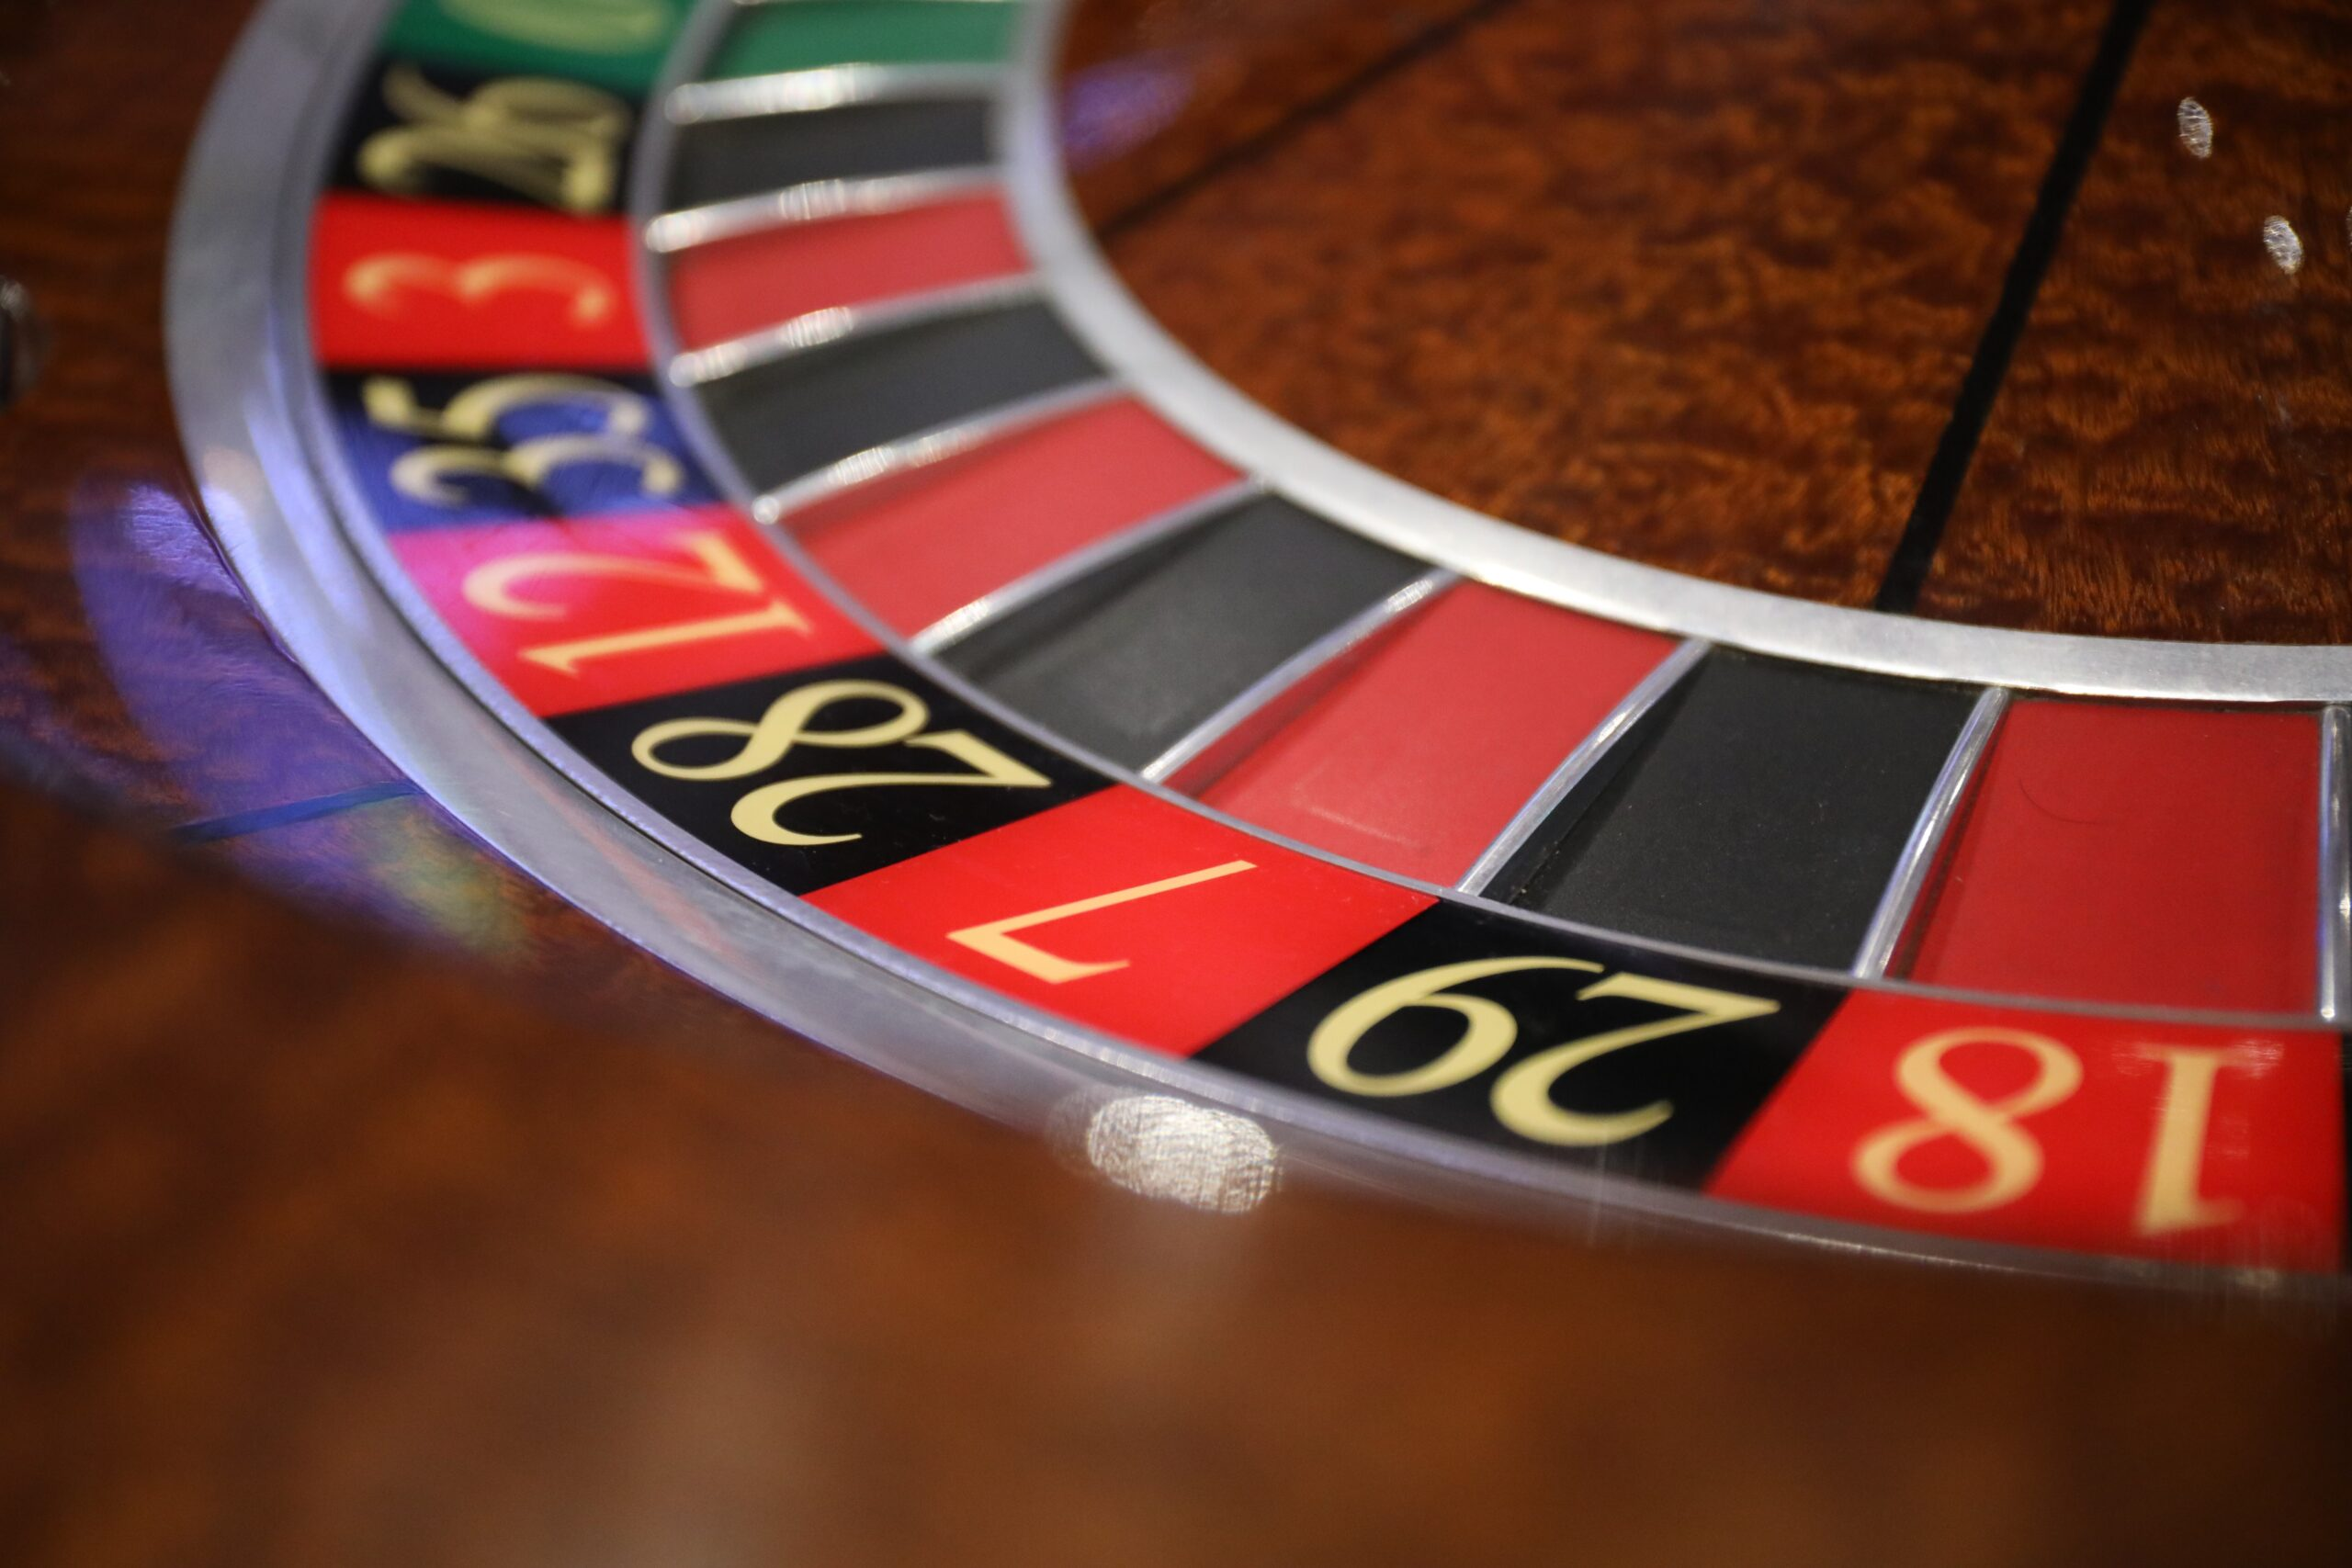 Адвокат по статье 171.2 УК РФ Незаконные организация и проведение азартных игр в Москве и РФ, стоимость услуг адвоката